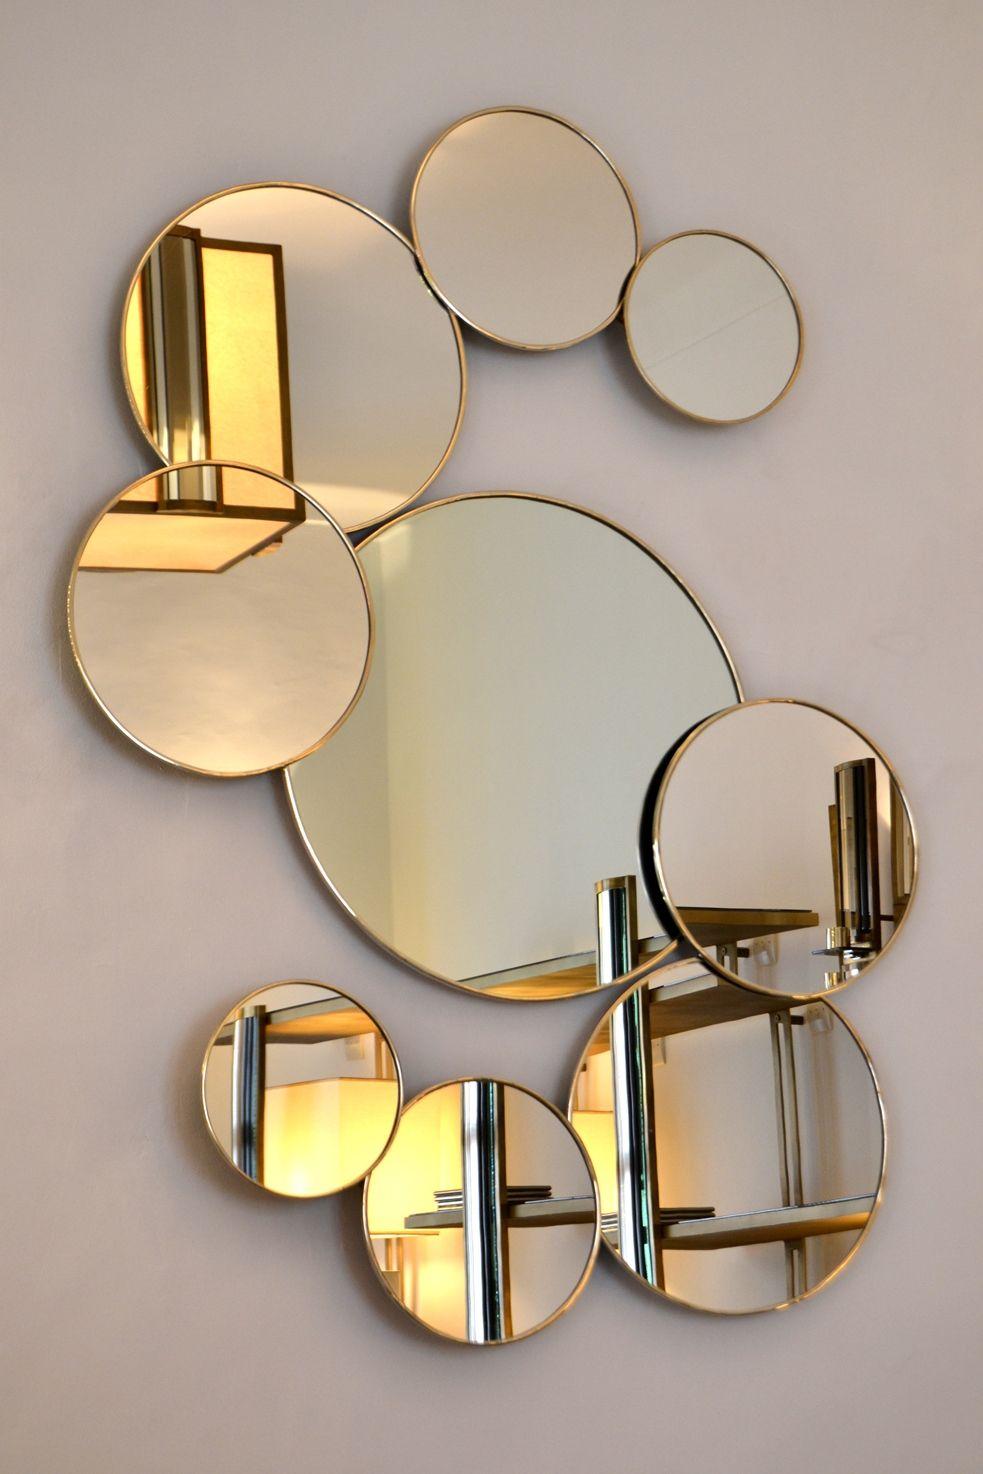 miroir ronds de la collection variance cerclage maillechort laiton ou acier tons disponibles noir gris argent bronze